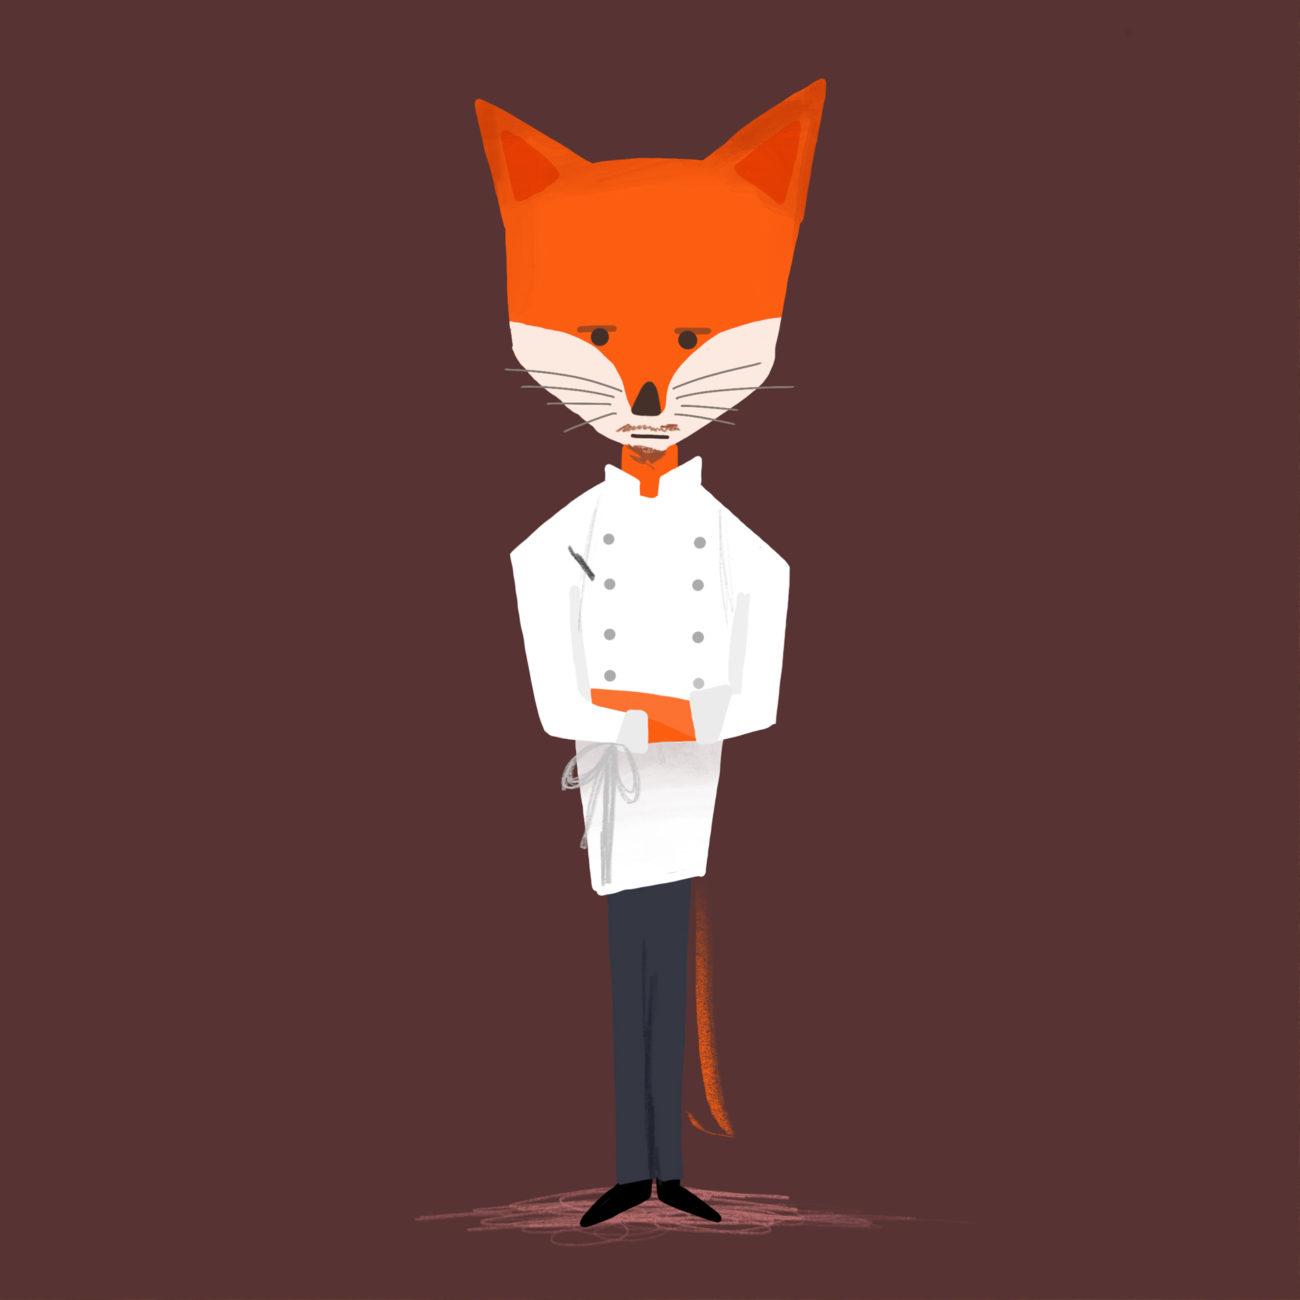 chefFox_square